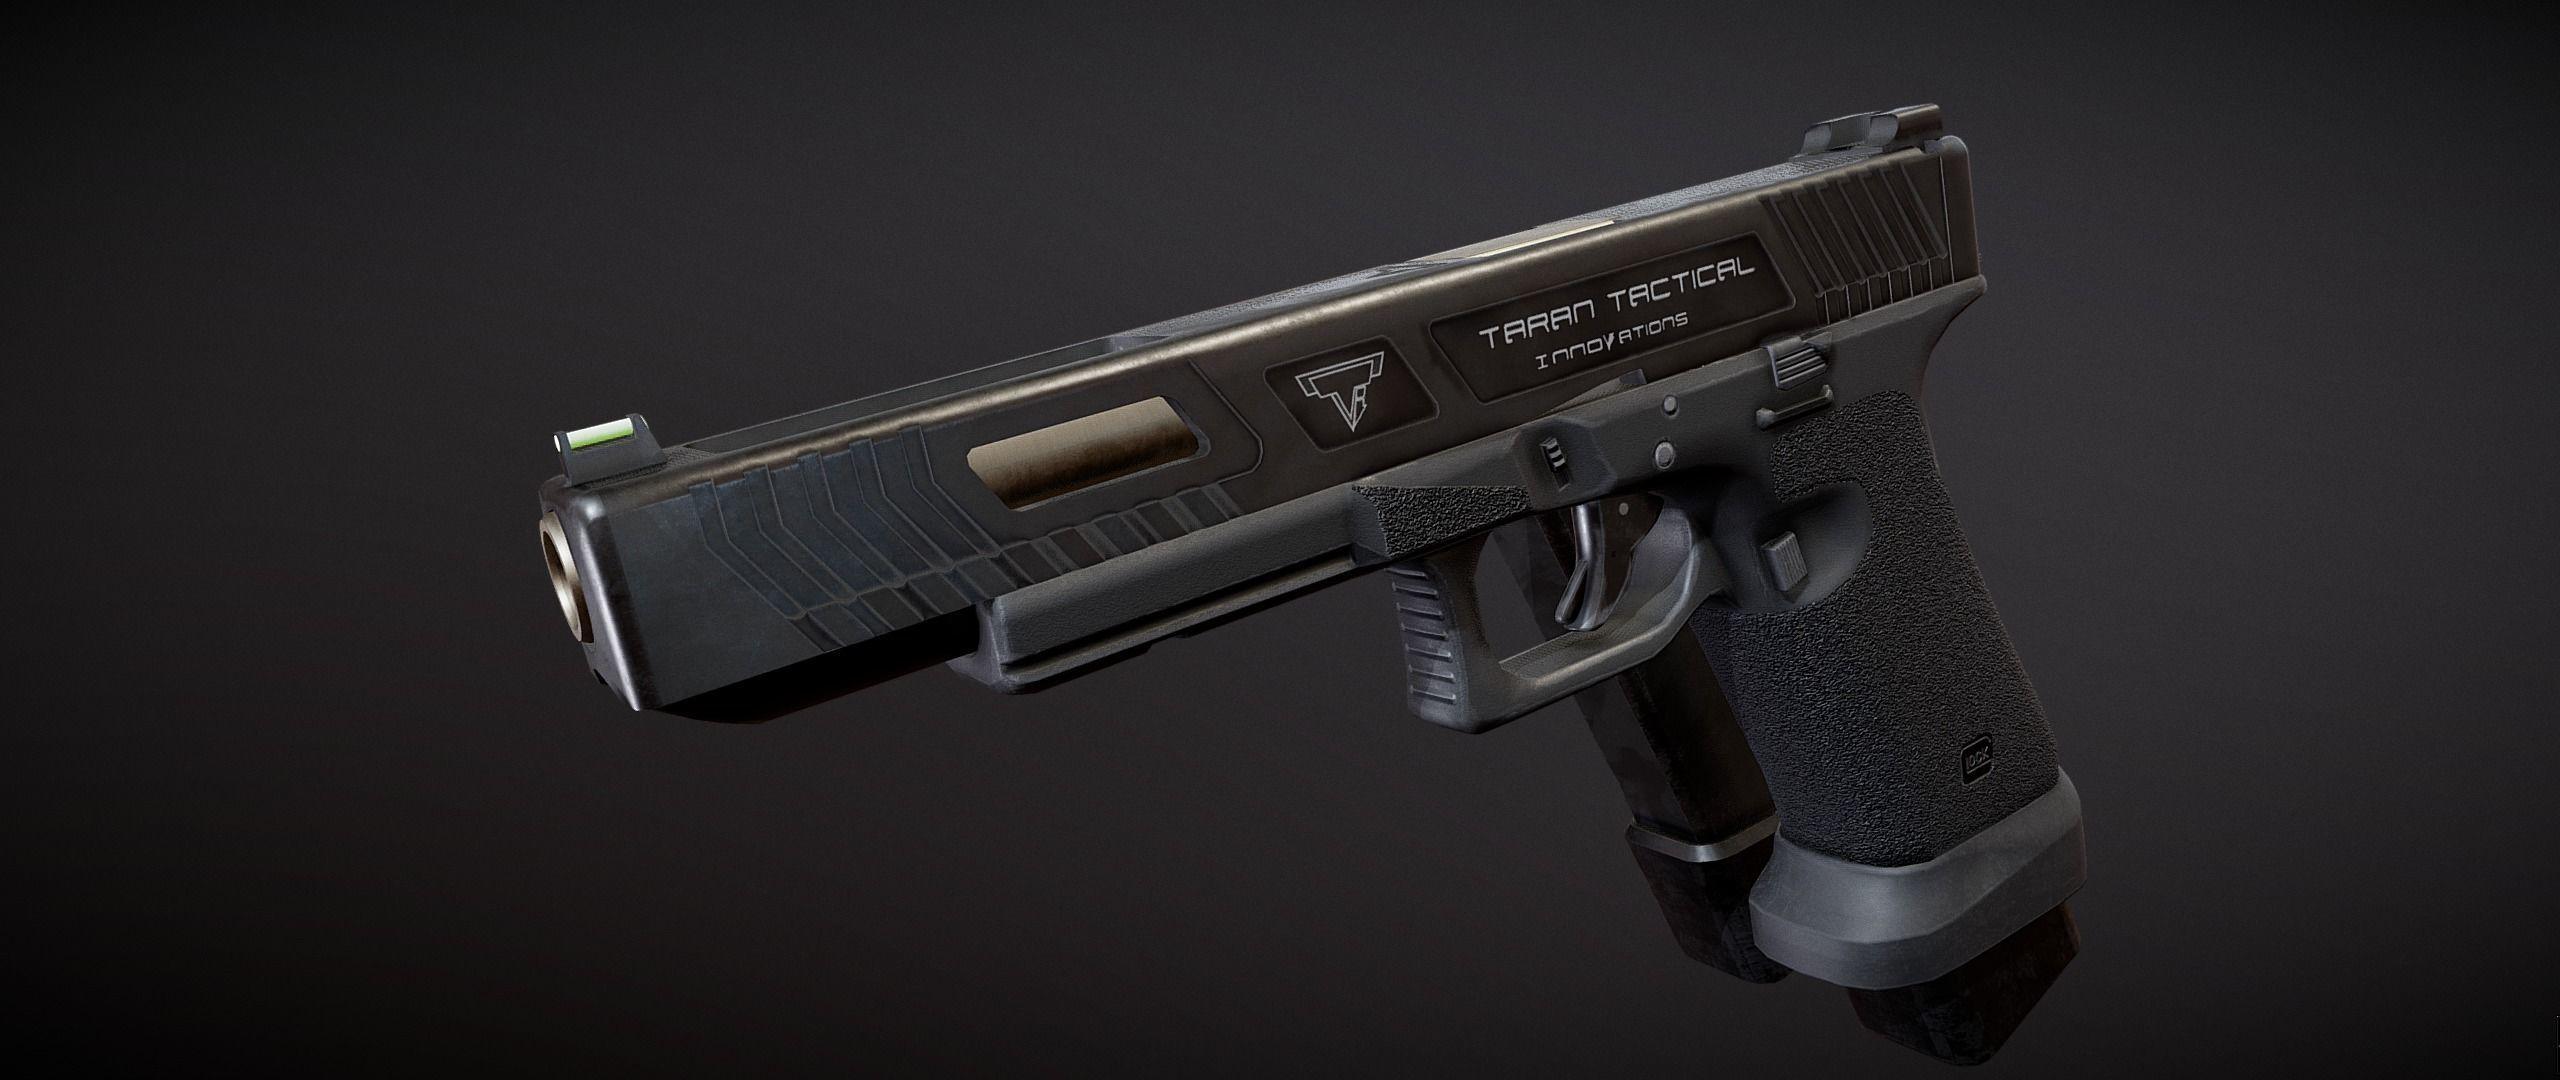 TTI Glock 17l Combat Master from John Wick